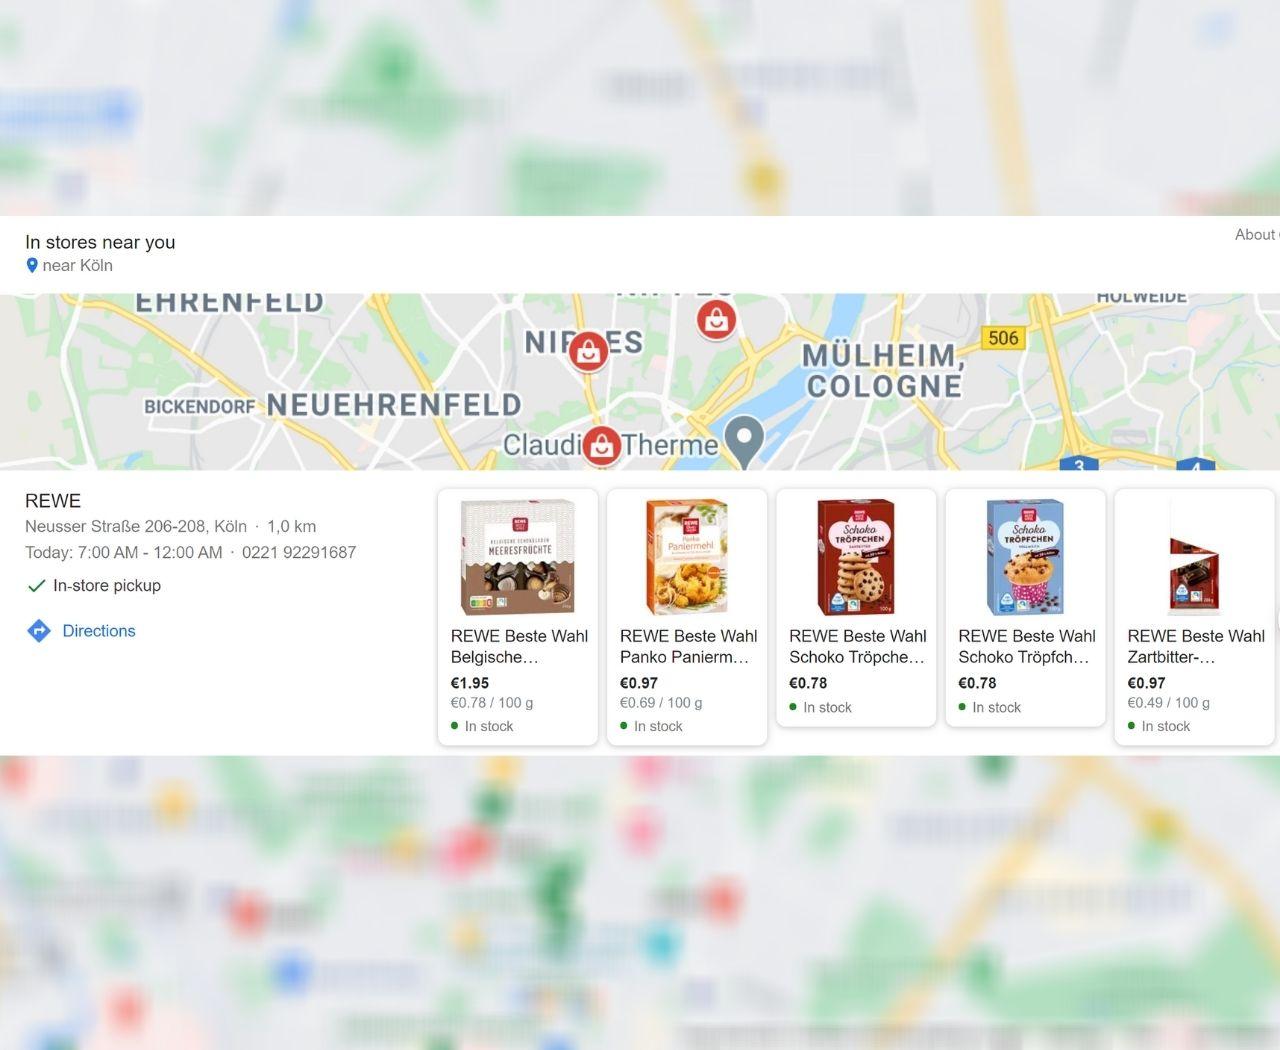 Rewe-Werbung zeigt die lokale Verfügbarkeit des Sortiments